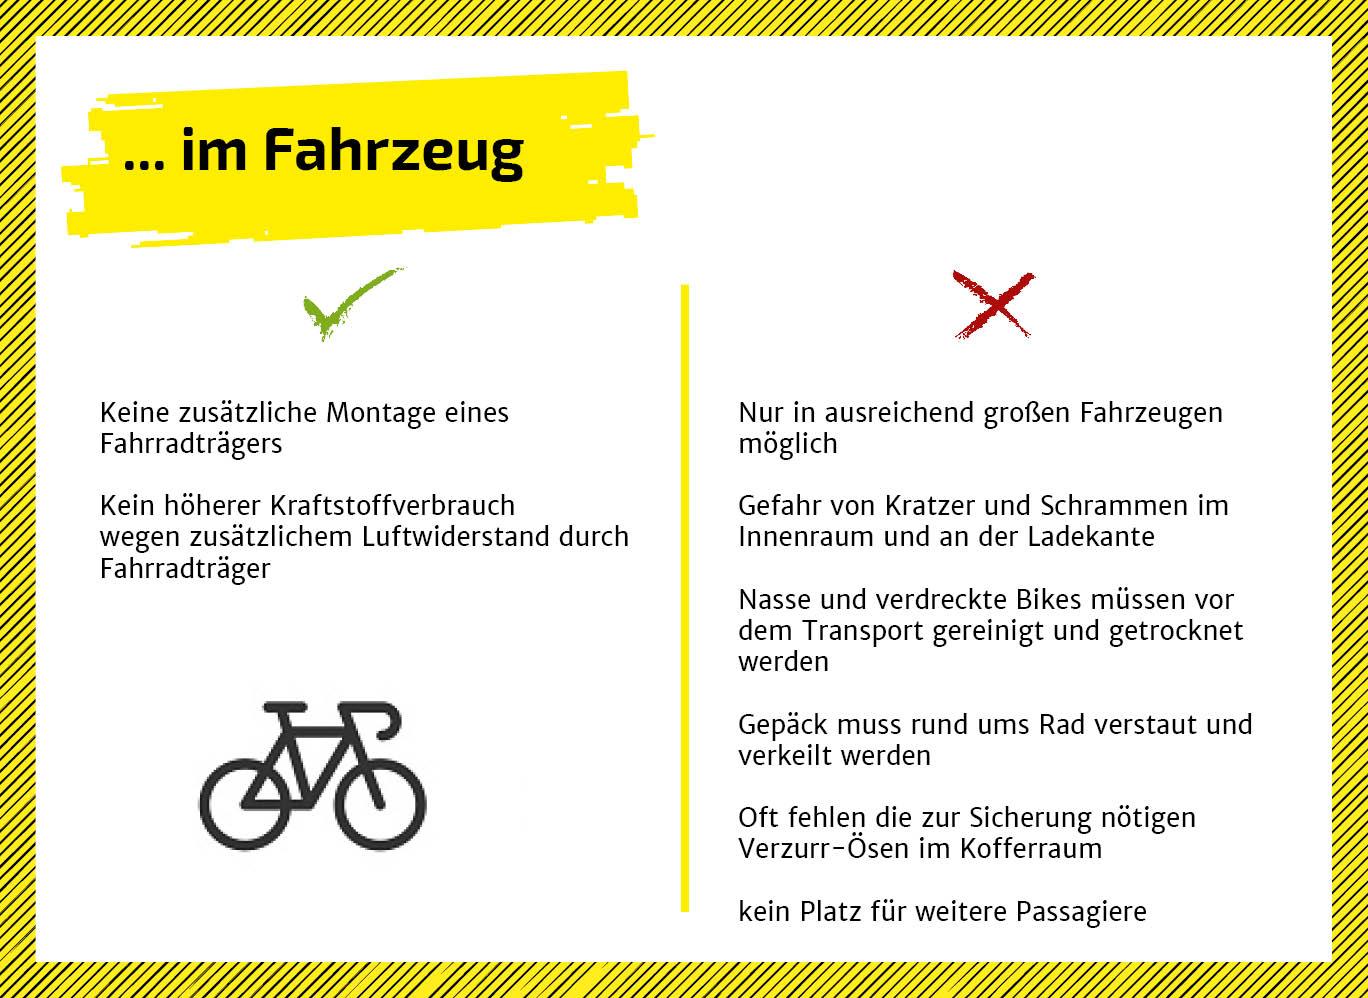 Der Fahrradtransport im Kofferraum hat einige Nachteile, die ein Fahrradträger auf der Anhängerkupplung oder als Dachträger vermeiden können.